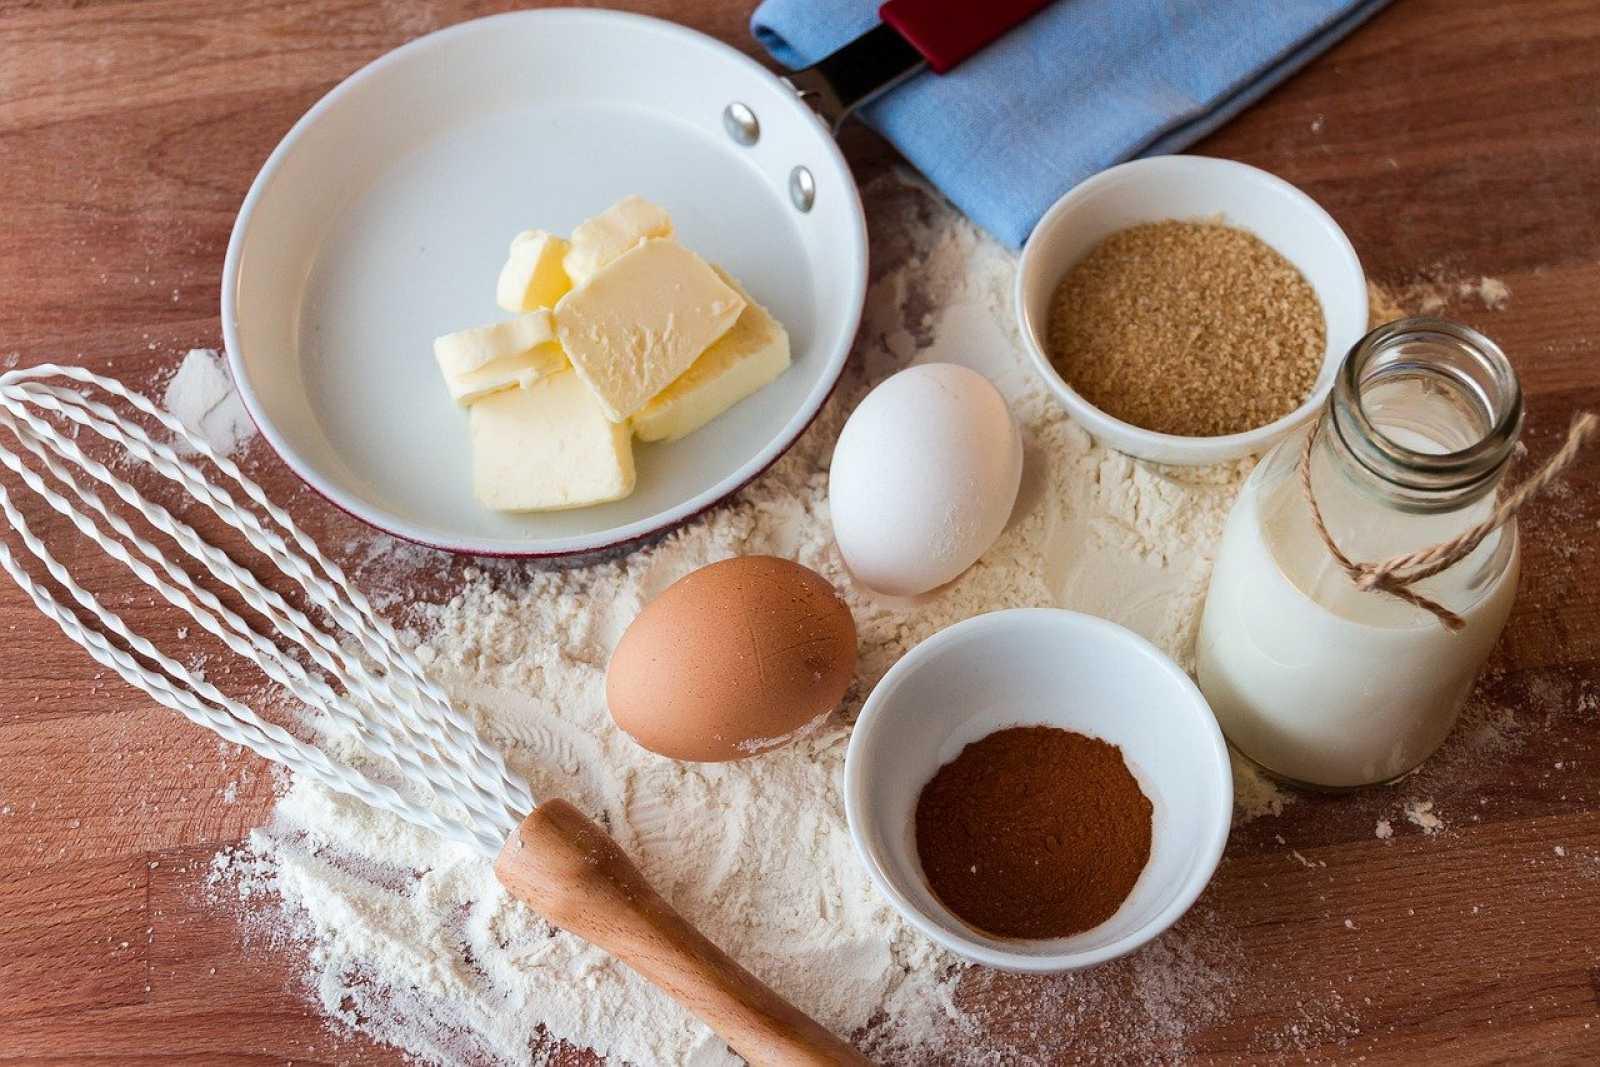 Un laboratorio en mi cocina - Un mundo vegano y dulce - 27/10/20 - Escuchar ahora